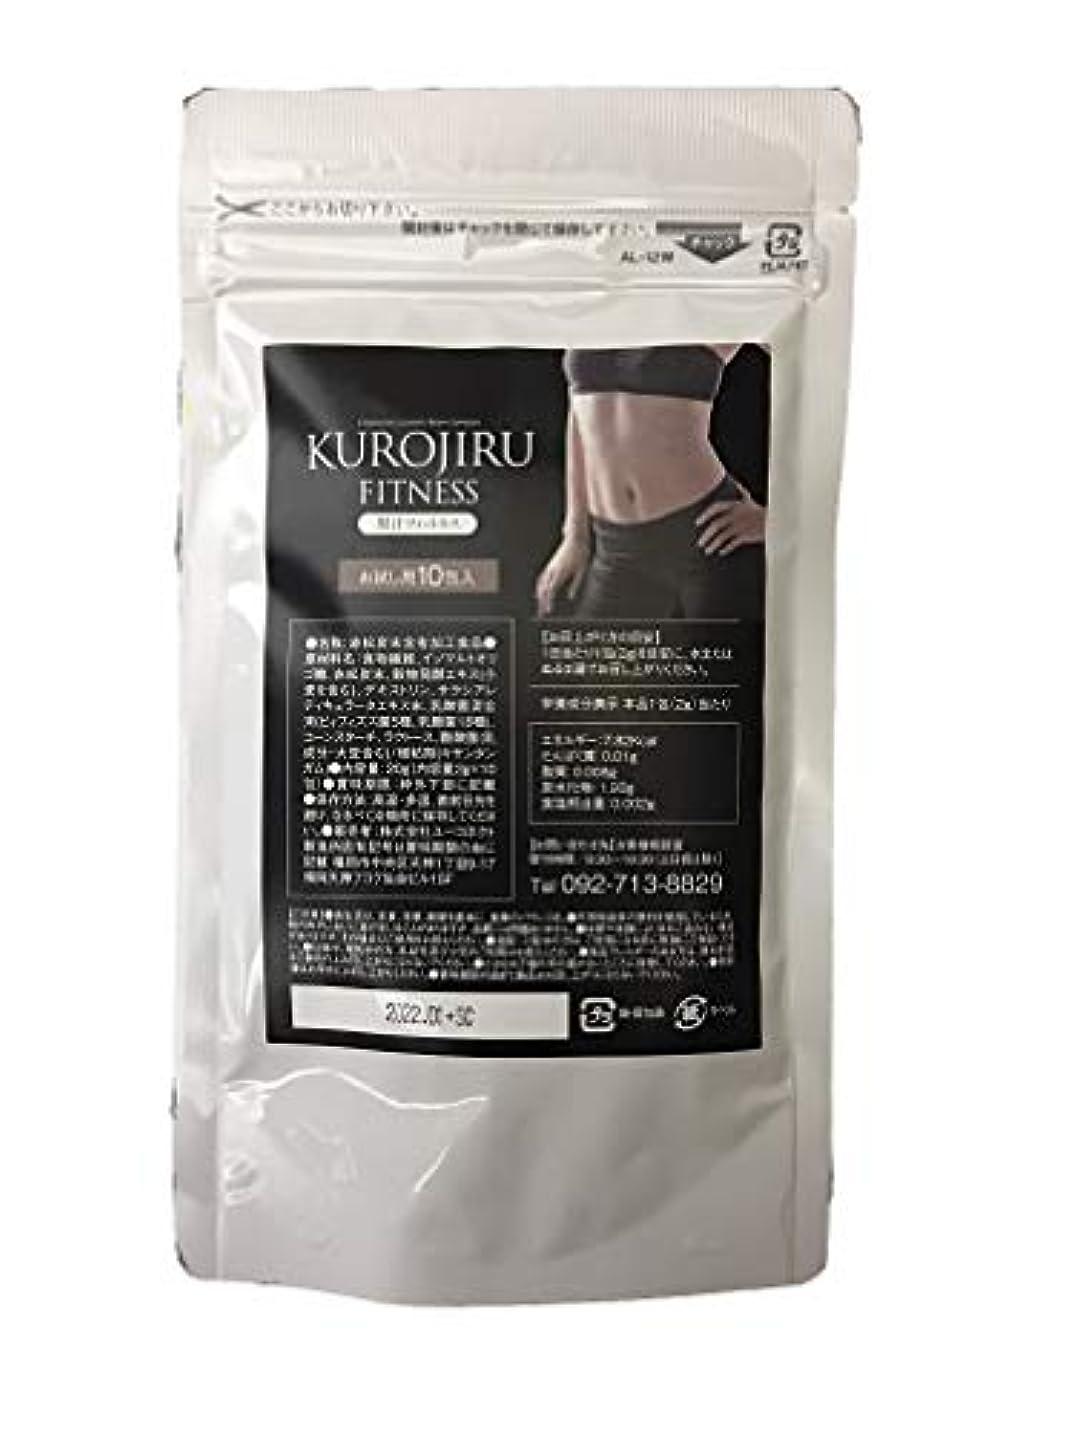 カーペット見込み醜い黒汁フィットネス(KUROJIRU FITNESS) 10包 チャコールクレンズ 赤松活性炭 オリゴ糖 サラシアエキス 酵素